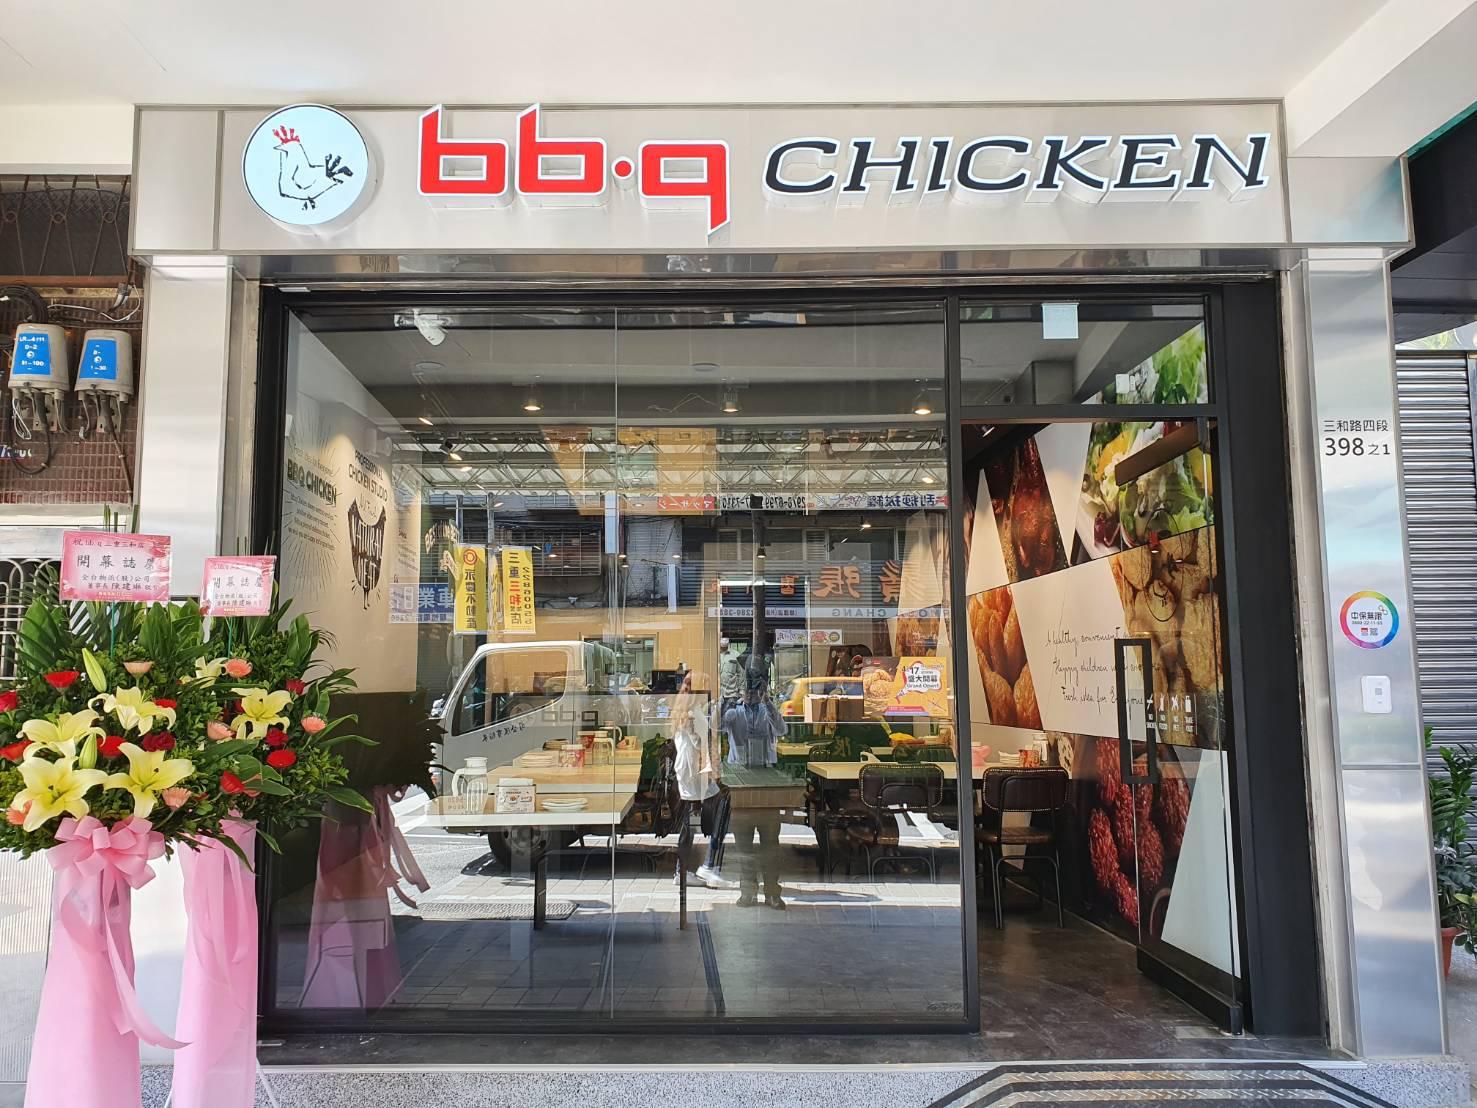 =bb.q CHICKEN外送外帶店「迫降」新北市!正宗韓式炸雞、獨家特色pizza、宅聚必吃小點~美味不用排隊